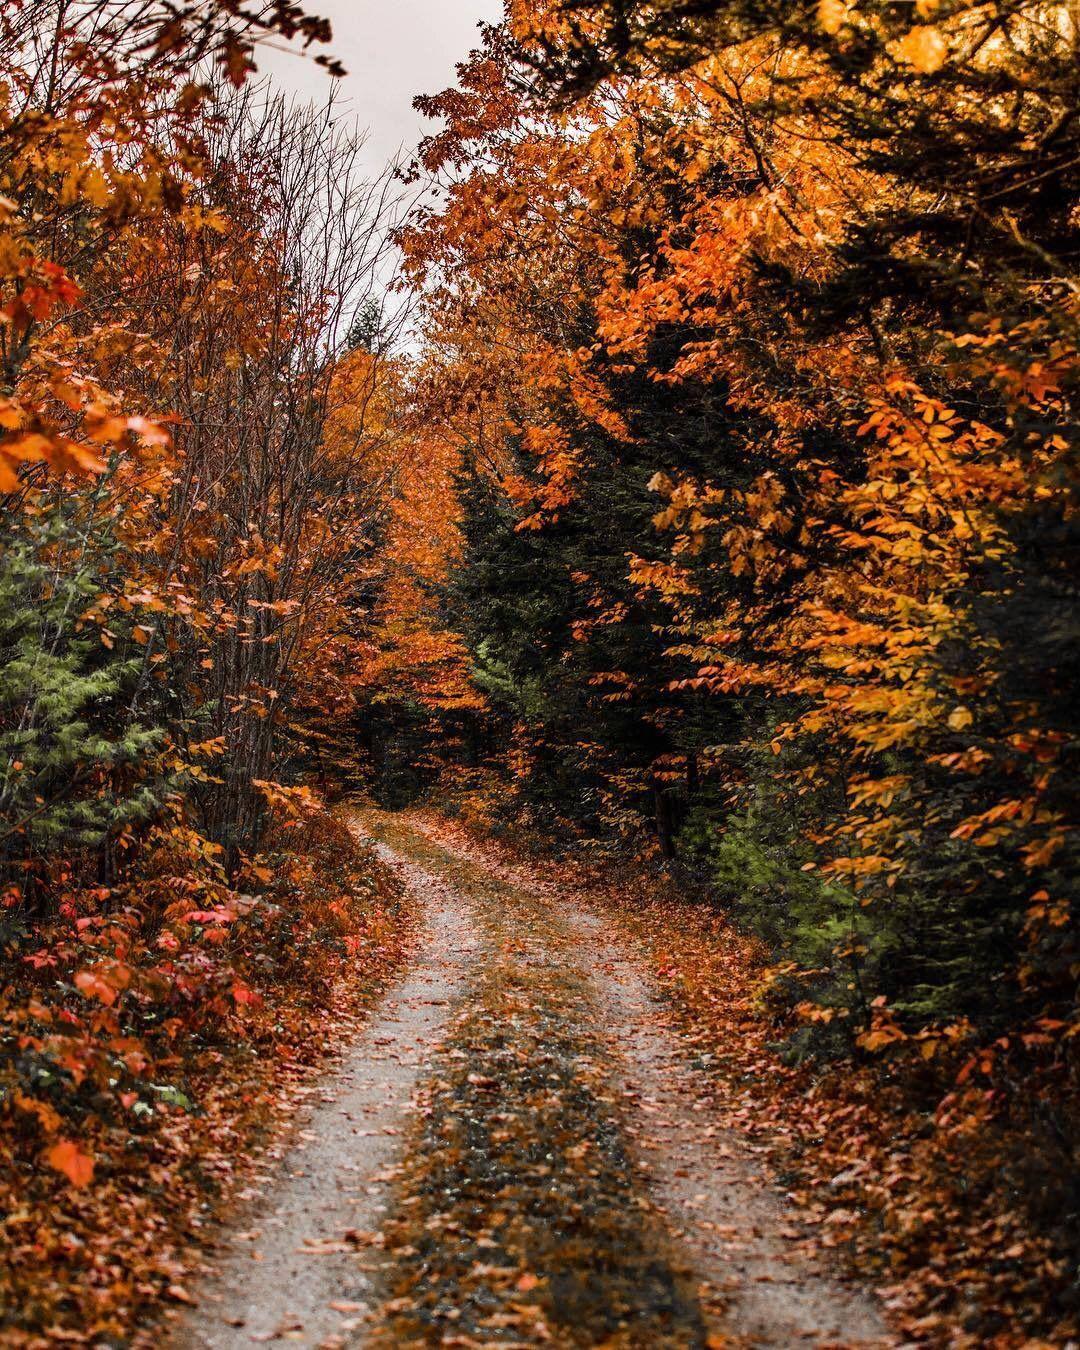 Autumng Asthetics: 𝐈𝐧𝐬𝐭𝐚𝐠𝐫𝐚𝐦: 𝐚𝐧𝐝𝐫𝐞𝐲𝐚𝐚𝐯𝐢𝐥𝐥𝐞𝐠𝐚𝐬 ; 𝐏𝐢𝐧𝐭𝐞𝐫𝐞𝐬𝐭: 𝐚𝐧𝐝𝐫𝐞𝐲𝐚𝐚𝐯𝐢𝐥𝐥𝐞𝐠𝐚𝐬